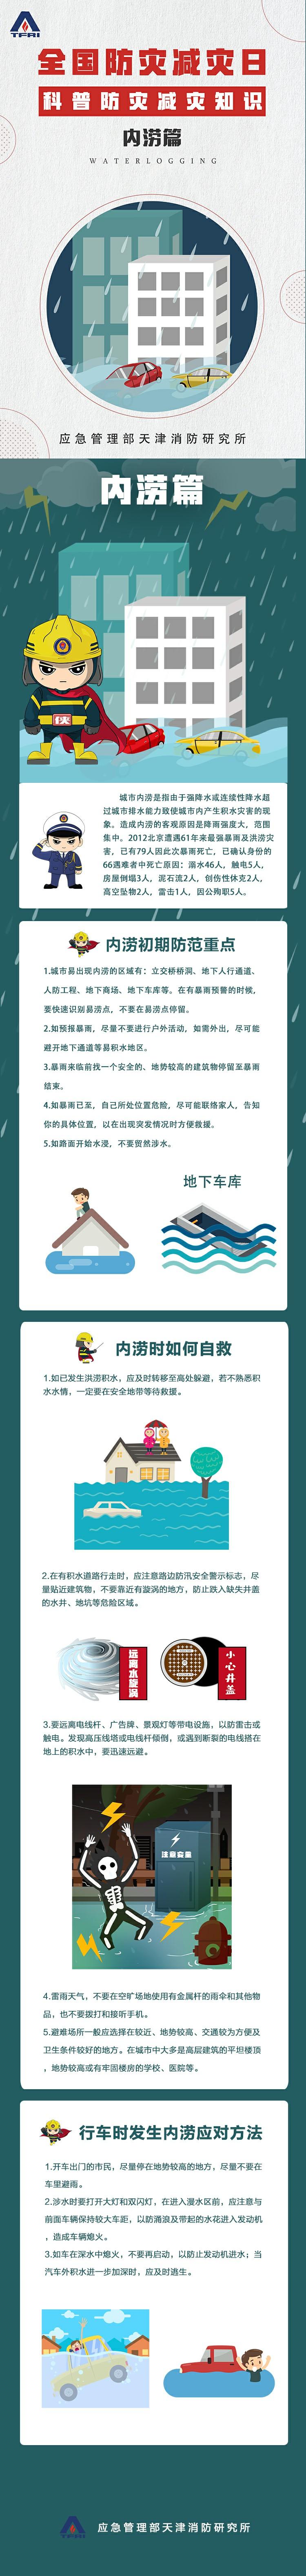 天富官网首页【应急科普】遇城市内涝 如何避险自救?